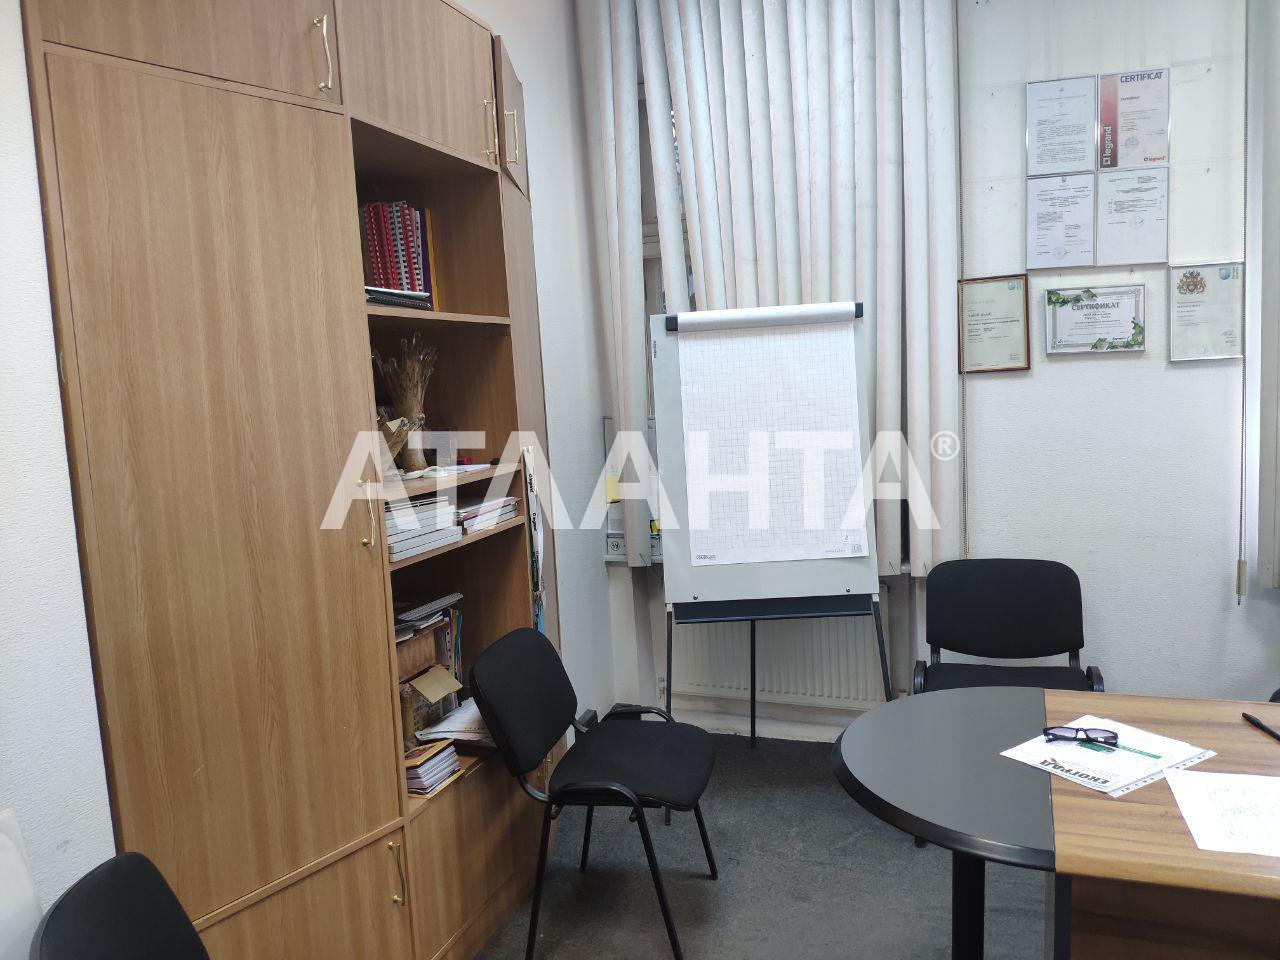 Продается 3-комнатная Квартира на ул. Бунина (Розы Люксембург) — 65 000 у.е. (фото №3)